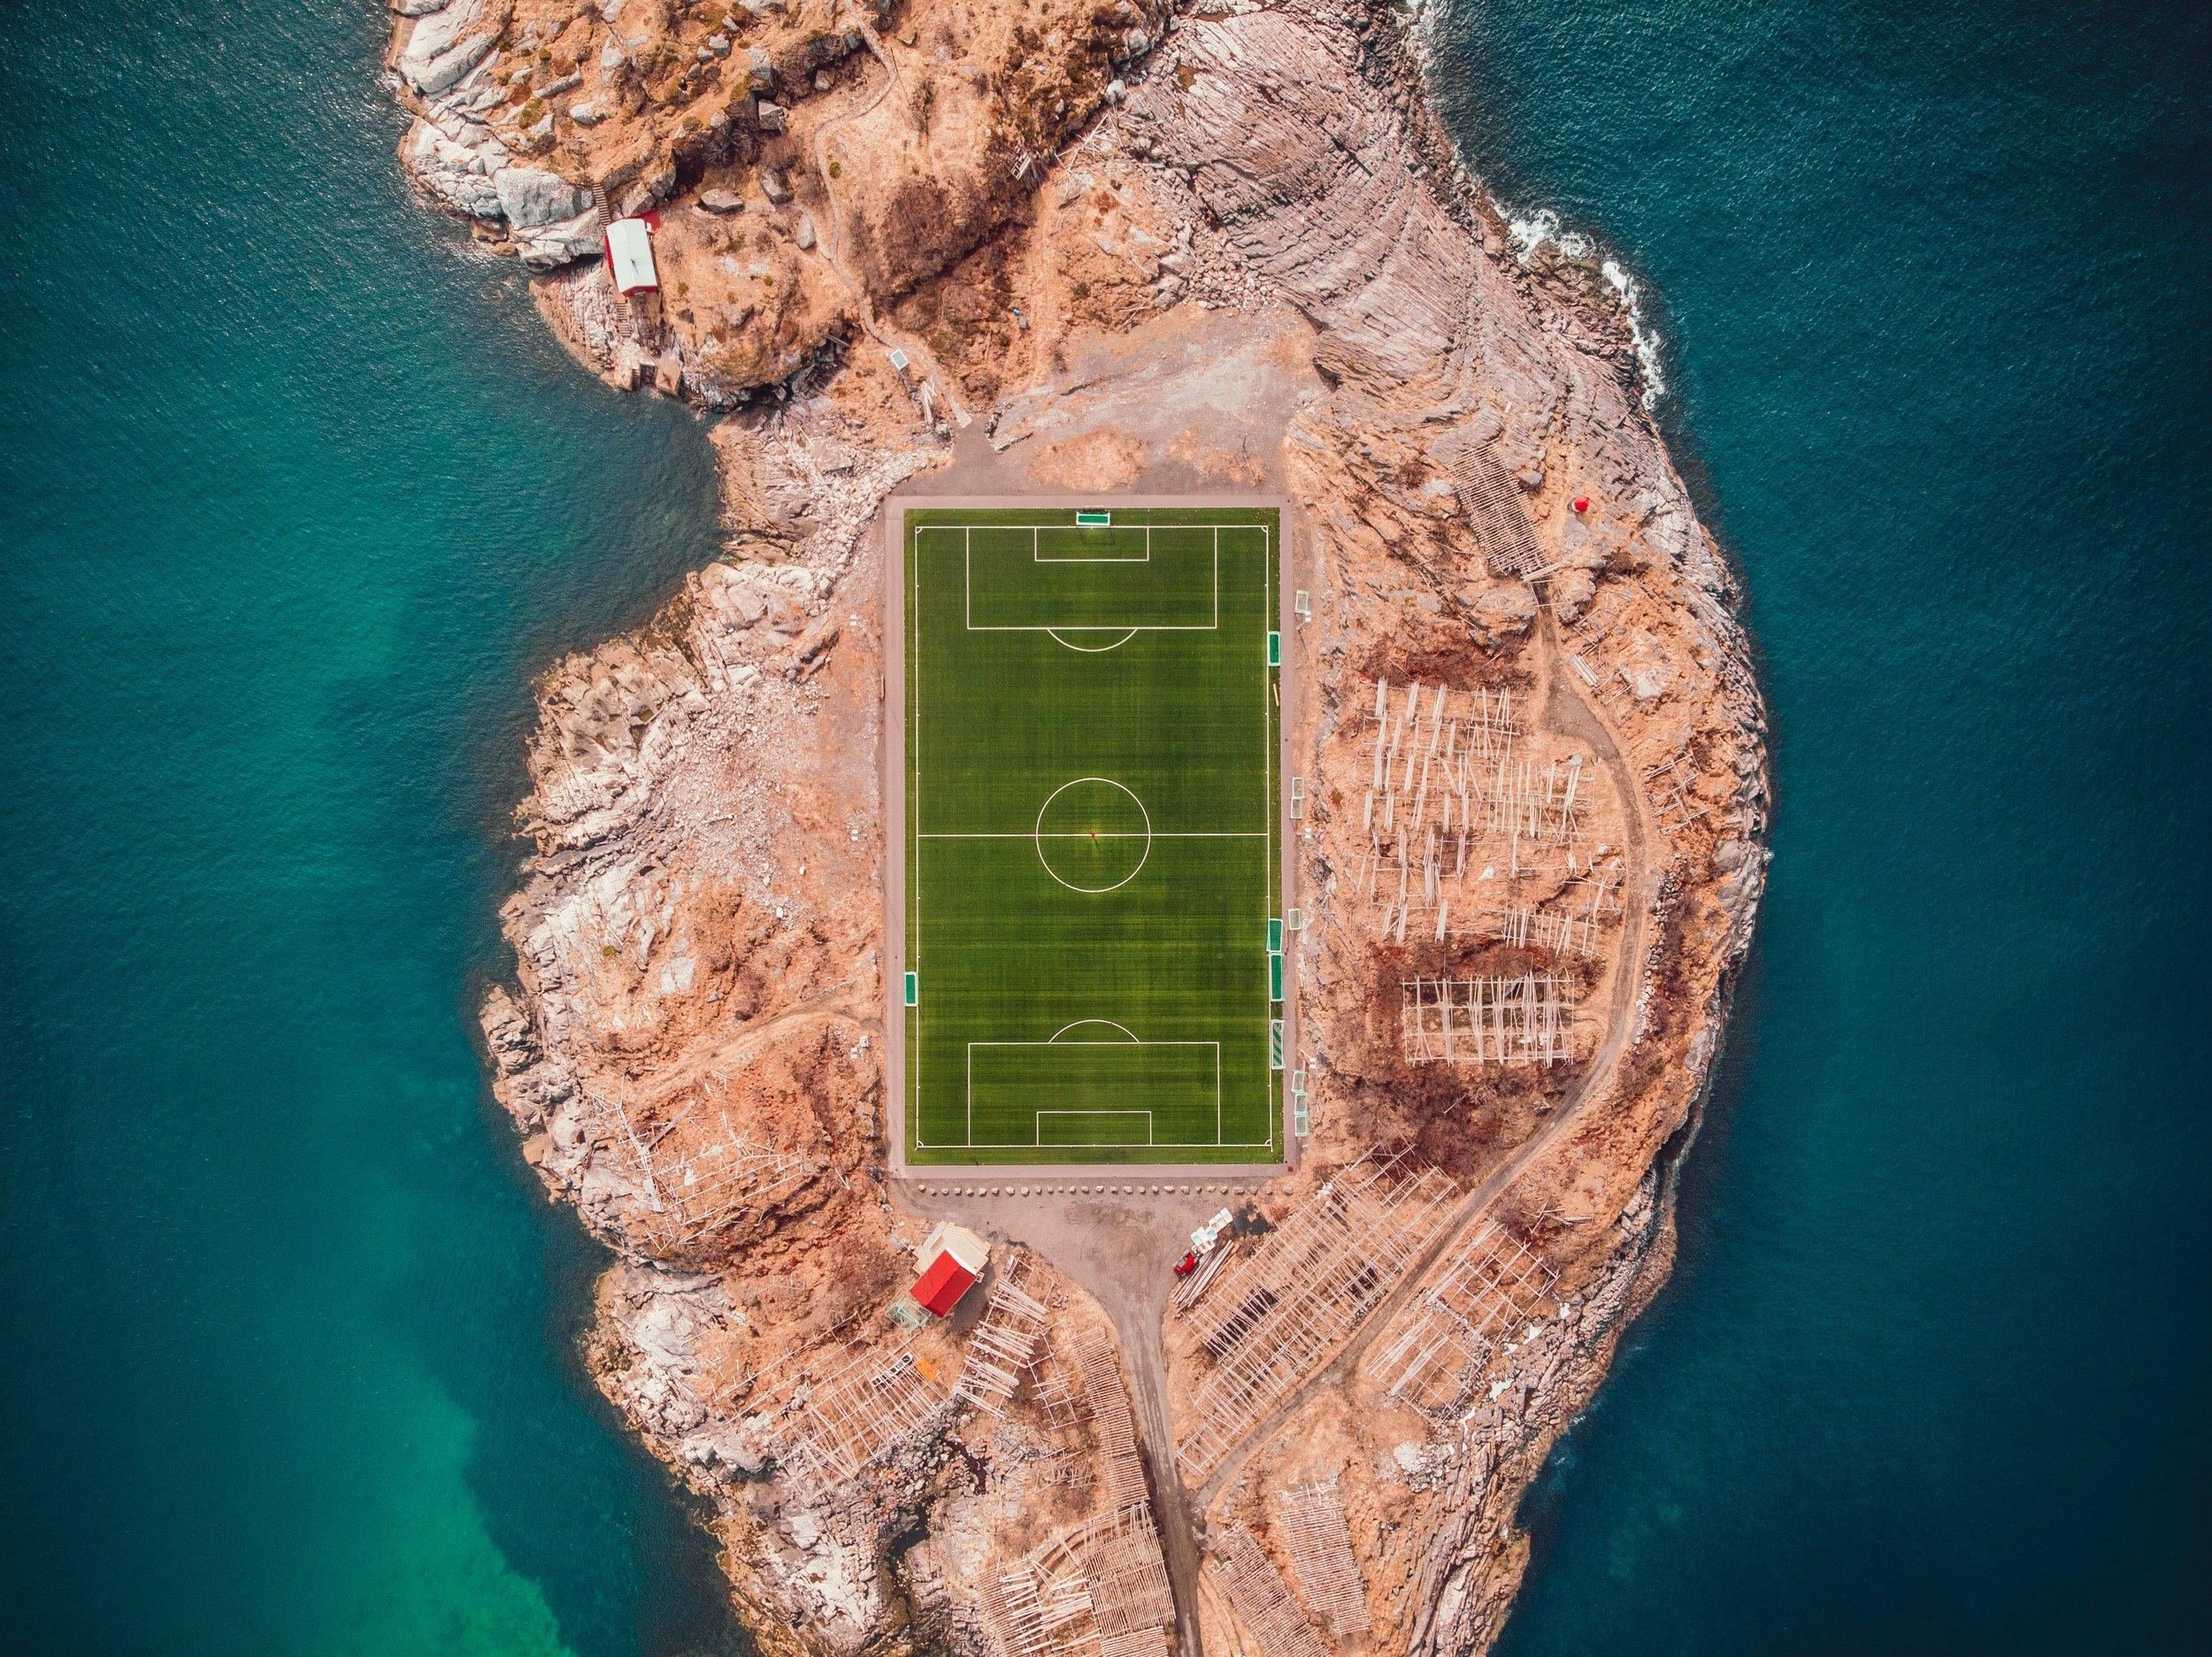 Selskapet ønsker å redusere mikroplastutslippet fra norske kunstgressbaner, som denne i Lofoten